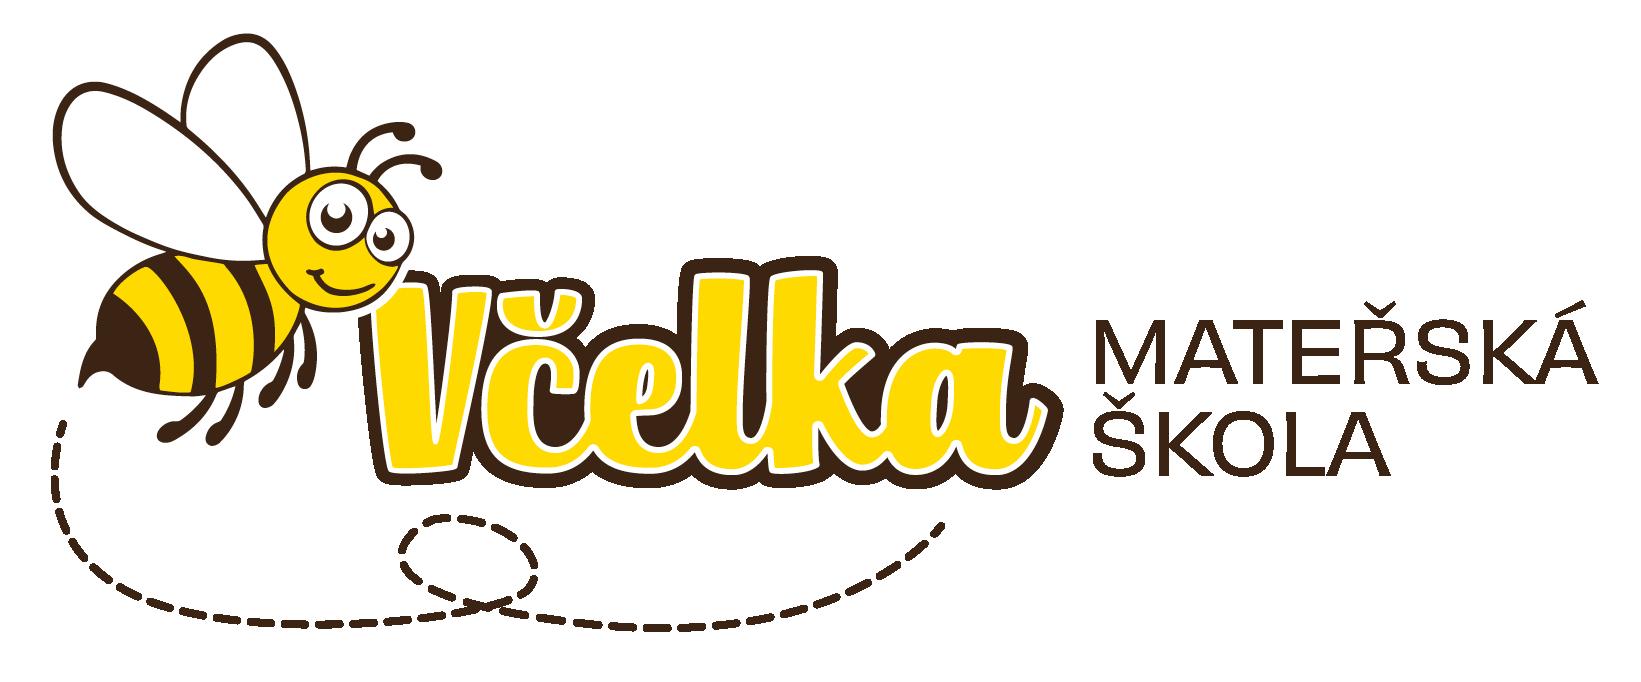 msvcelka.cz